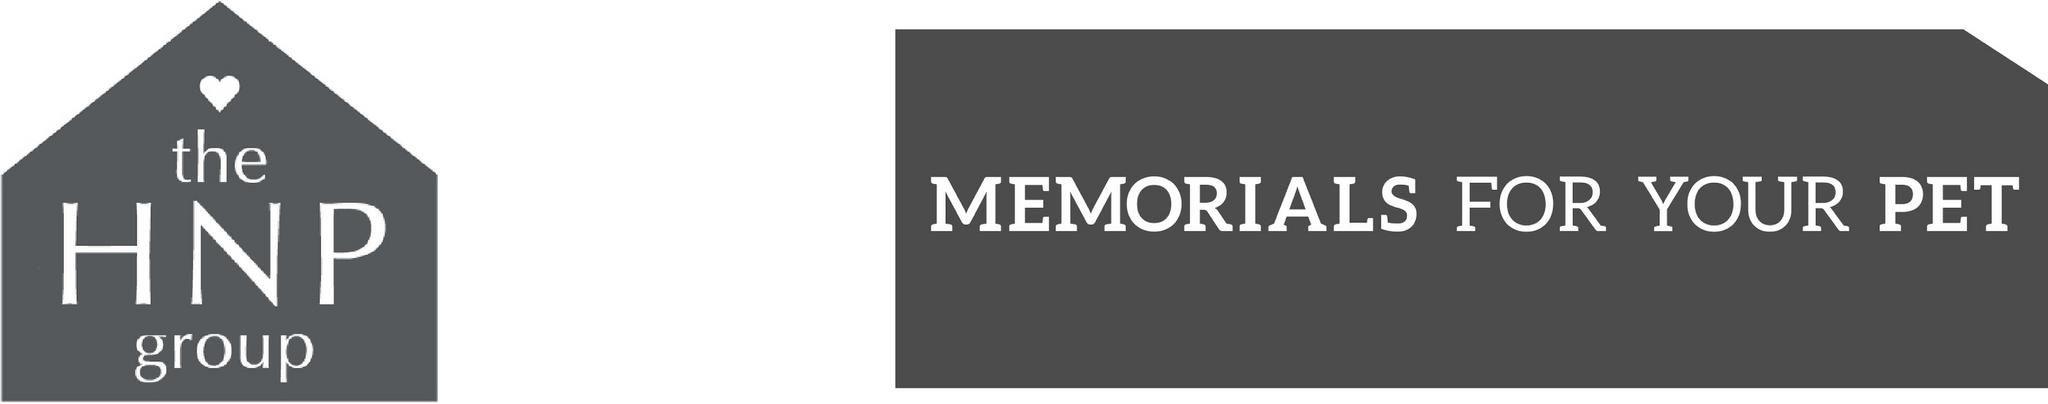 Memorials For Your Pet